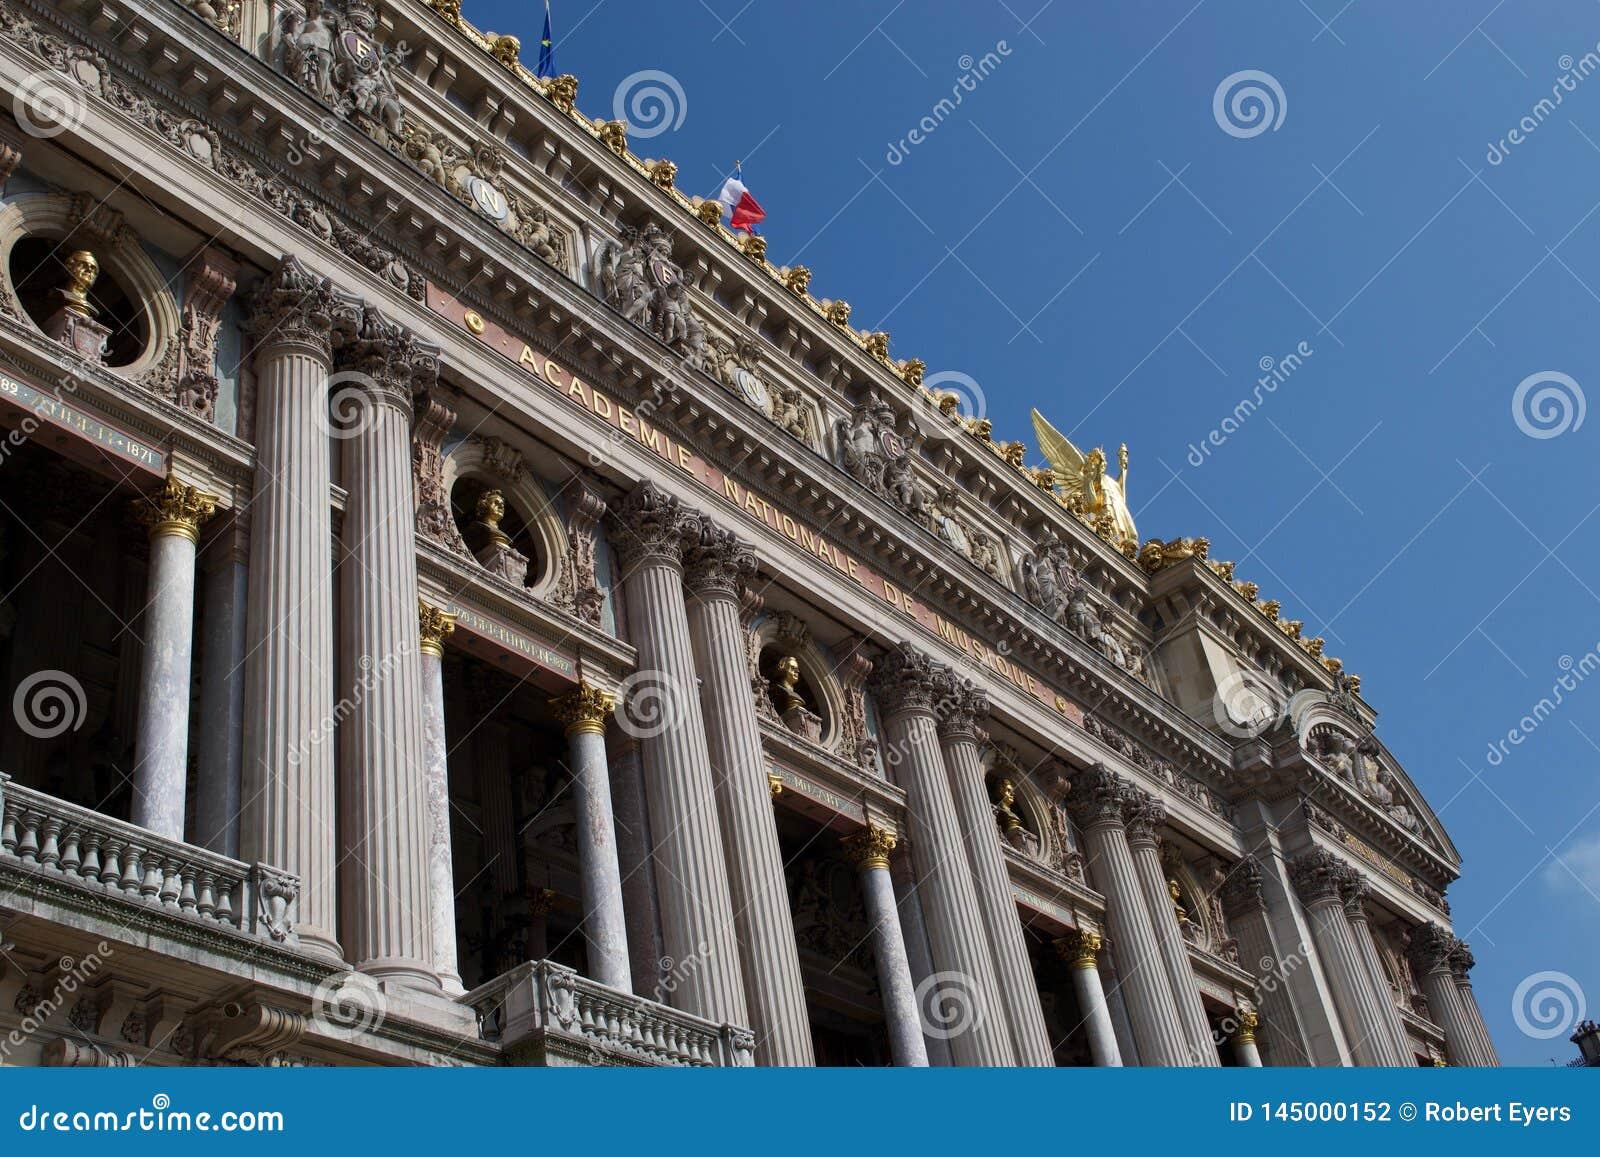 Entrée au Palais Garnier - Academie Nationale De Muisque - opéra France de Paris